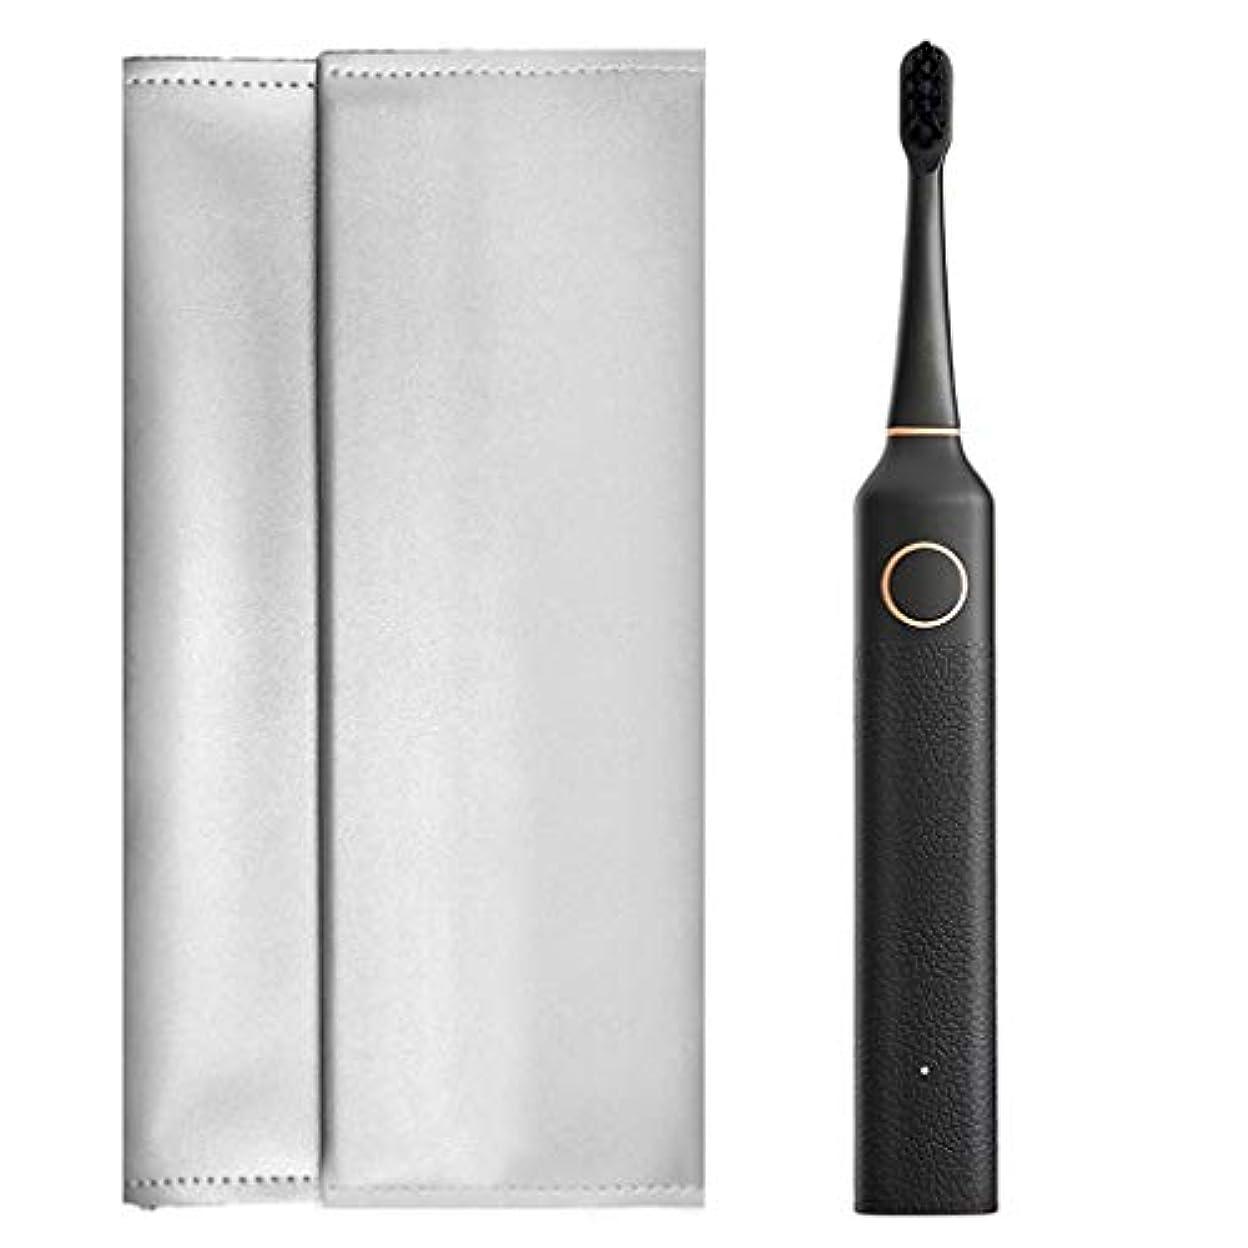 算術挑む硬さ大人の回転電動歯ブラシ、スマートタイマーと強力な電池寿命を備えた充電式歯ブラシ (色 : D)